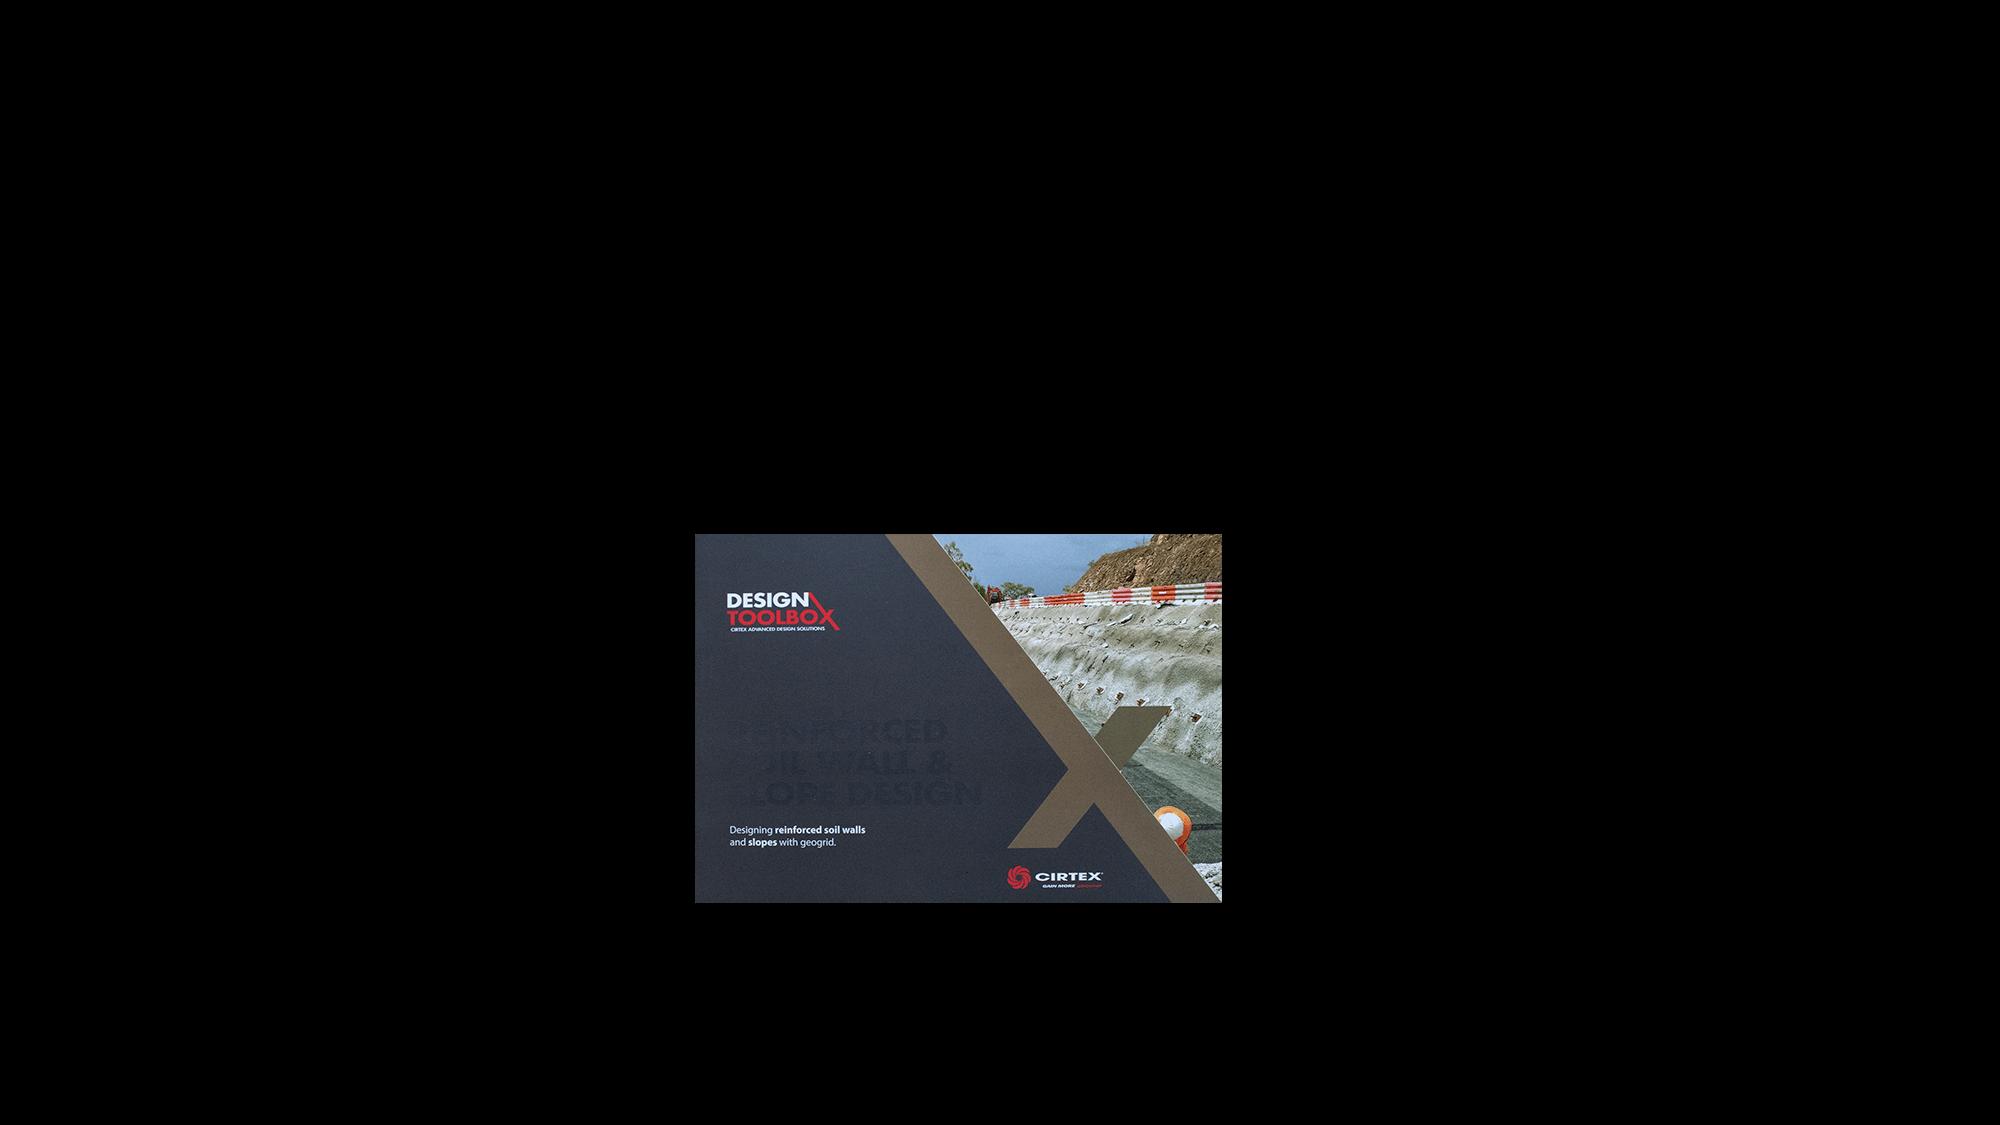 design-toolbox-walls